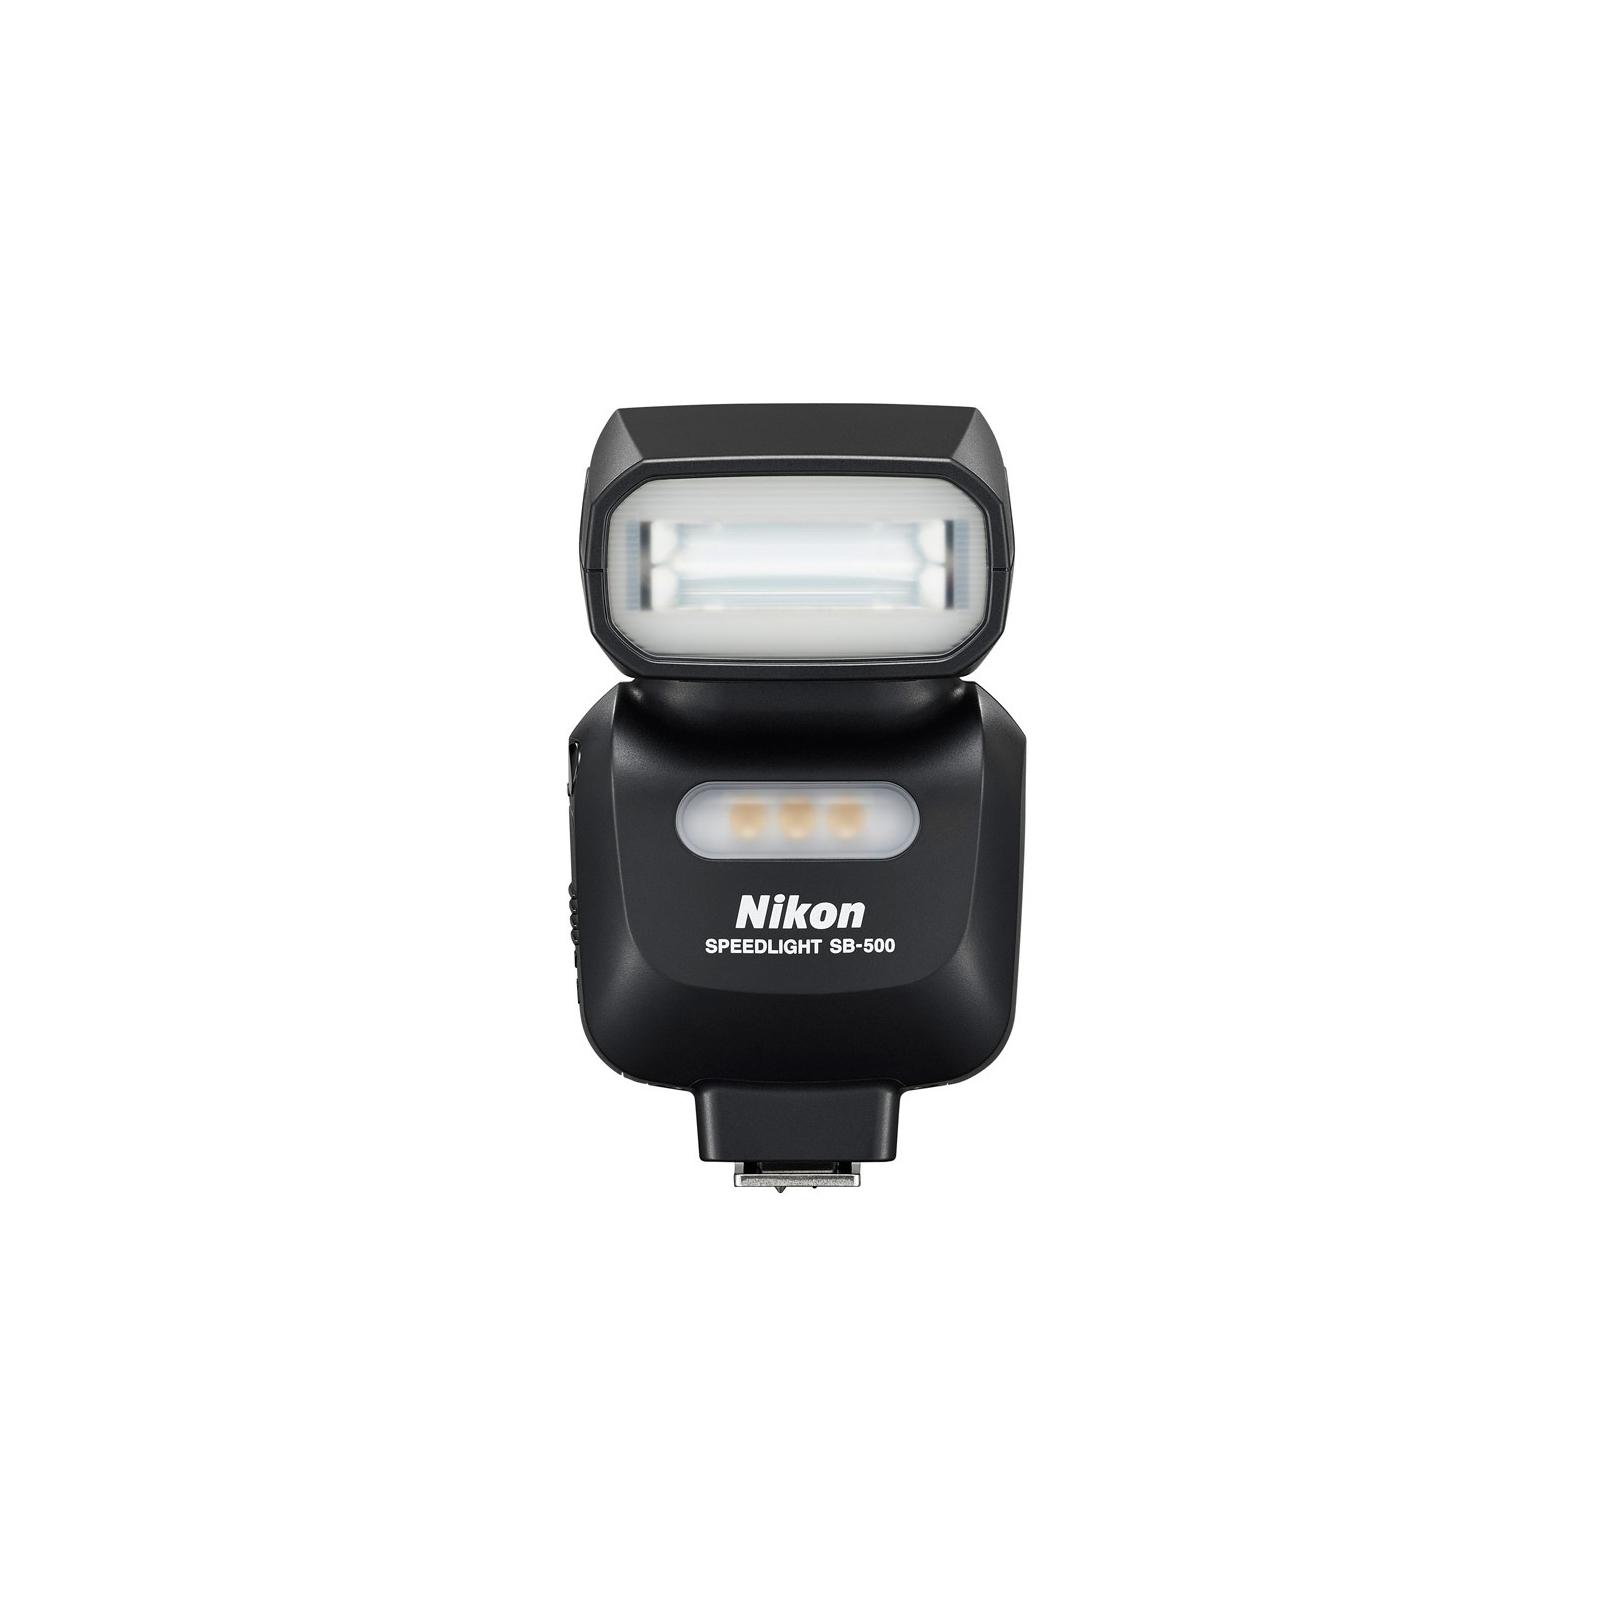 Вспышка Nikon Speedlight SB-500 (FSA04201) изображение 2